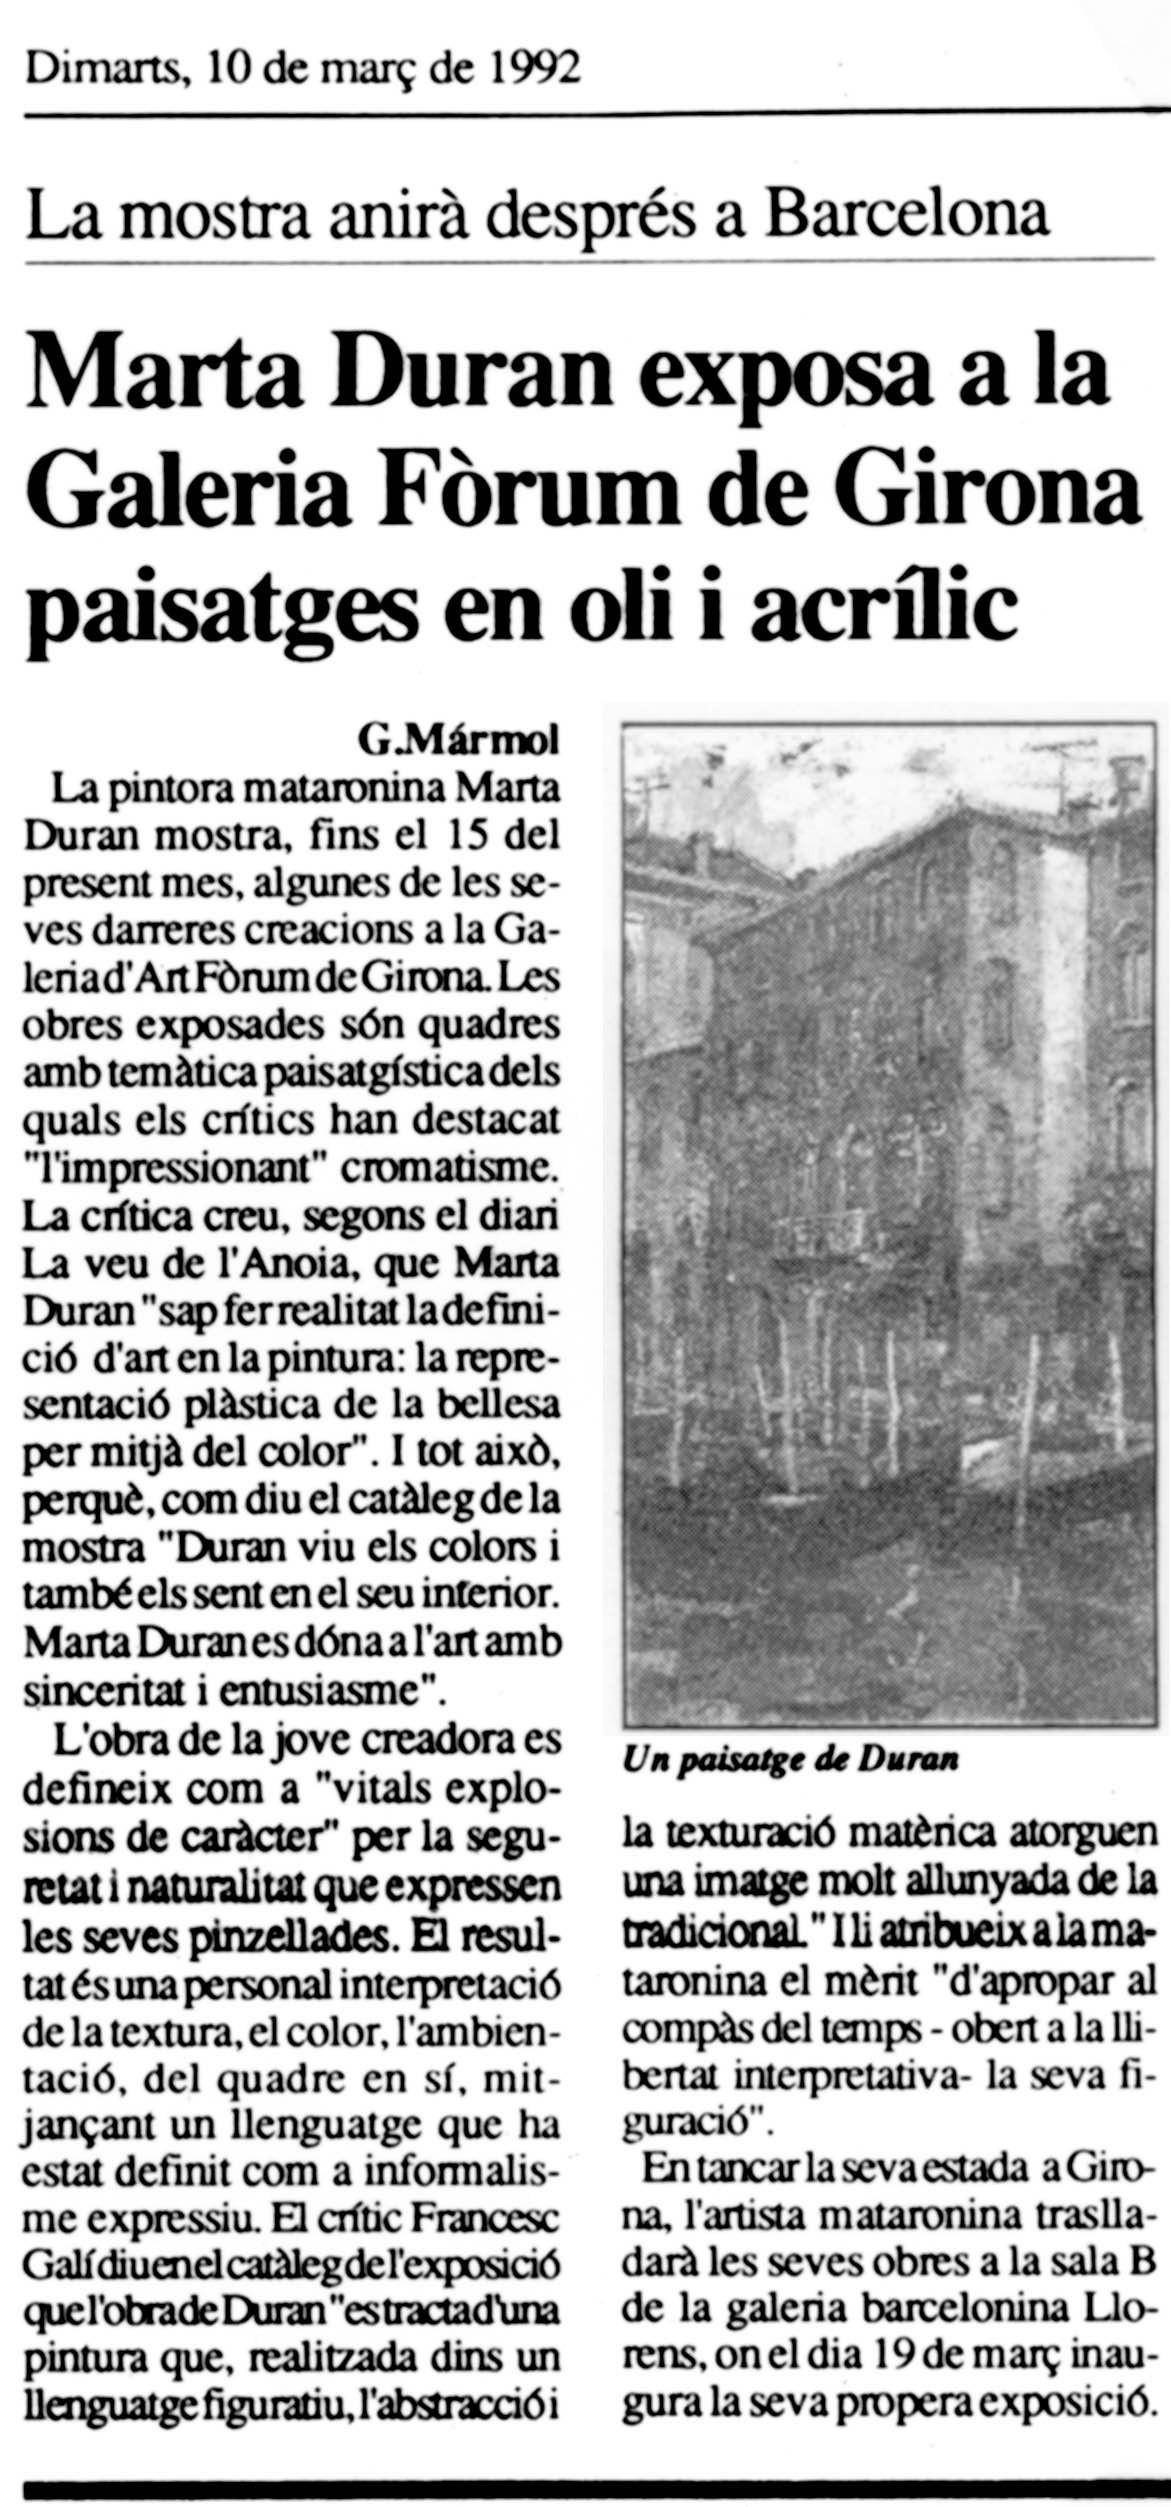 Galeria Forum. Girona